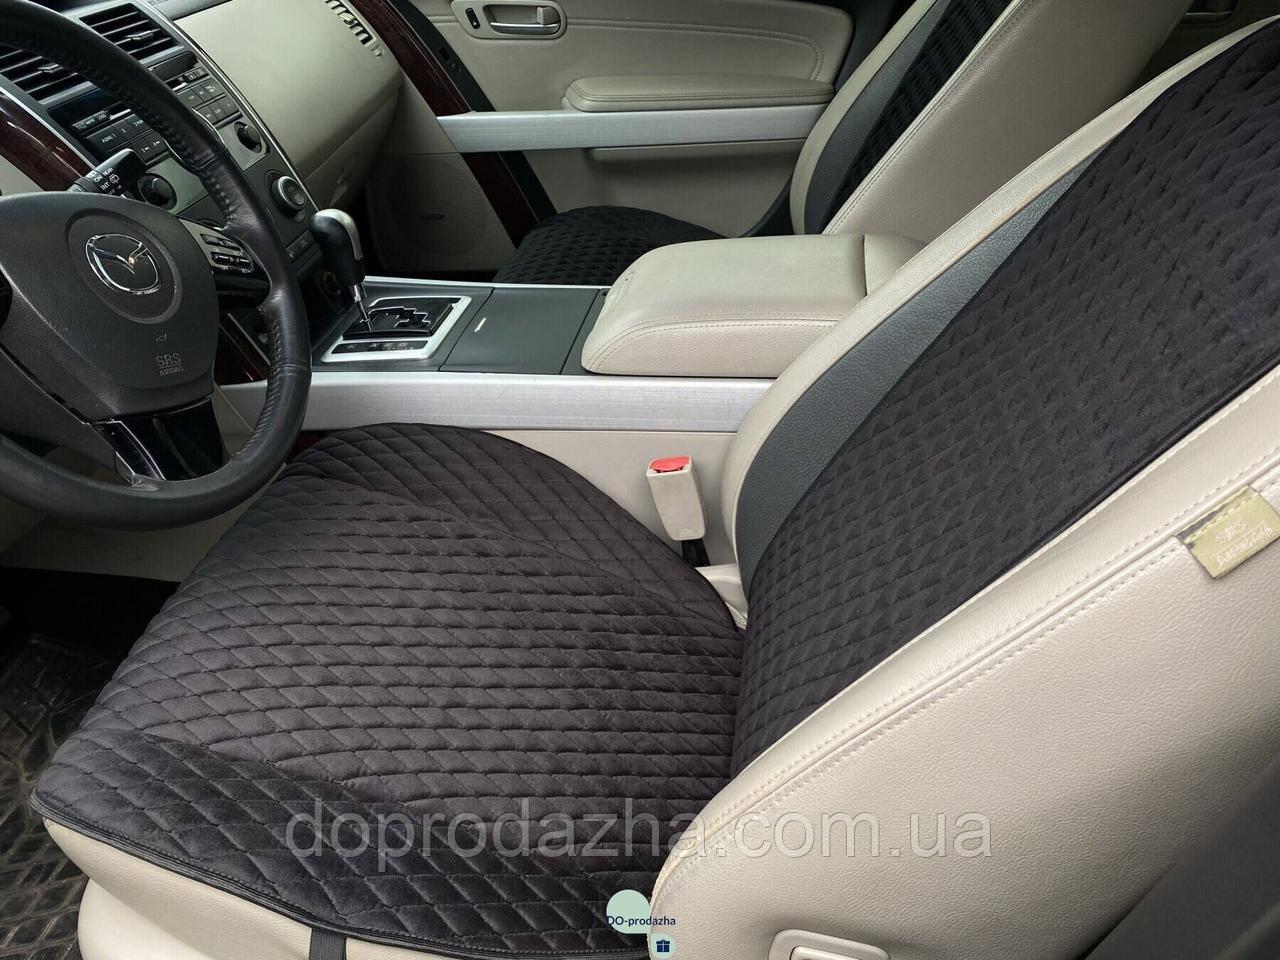 Накидки на сидіння з алькантари Lux (штучної замші), Чорний, чорний ромб. Преміум. 1 передня